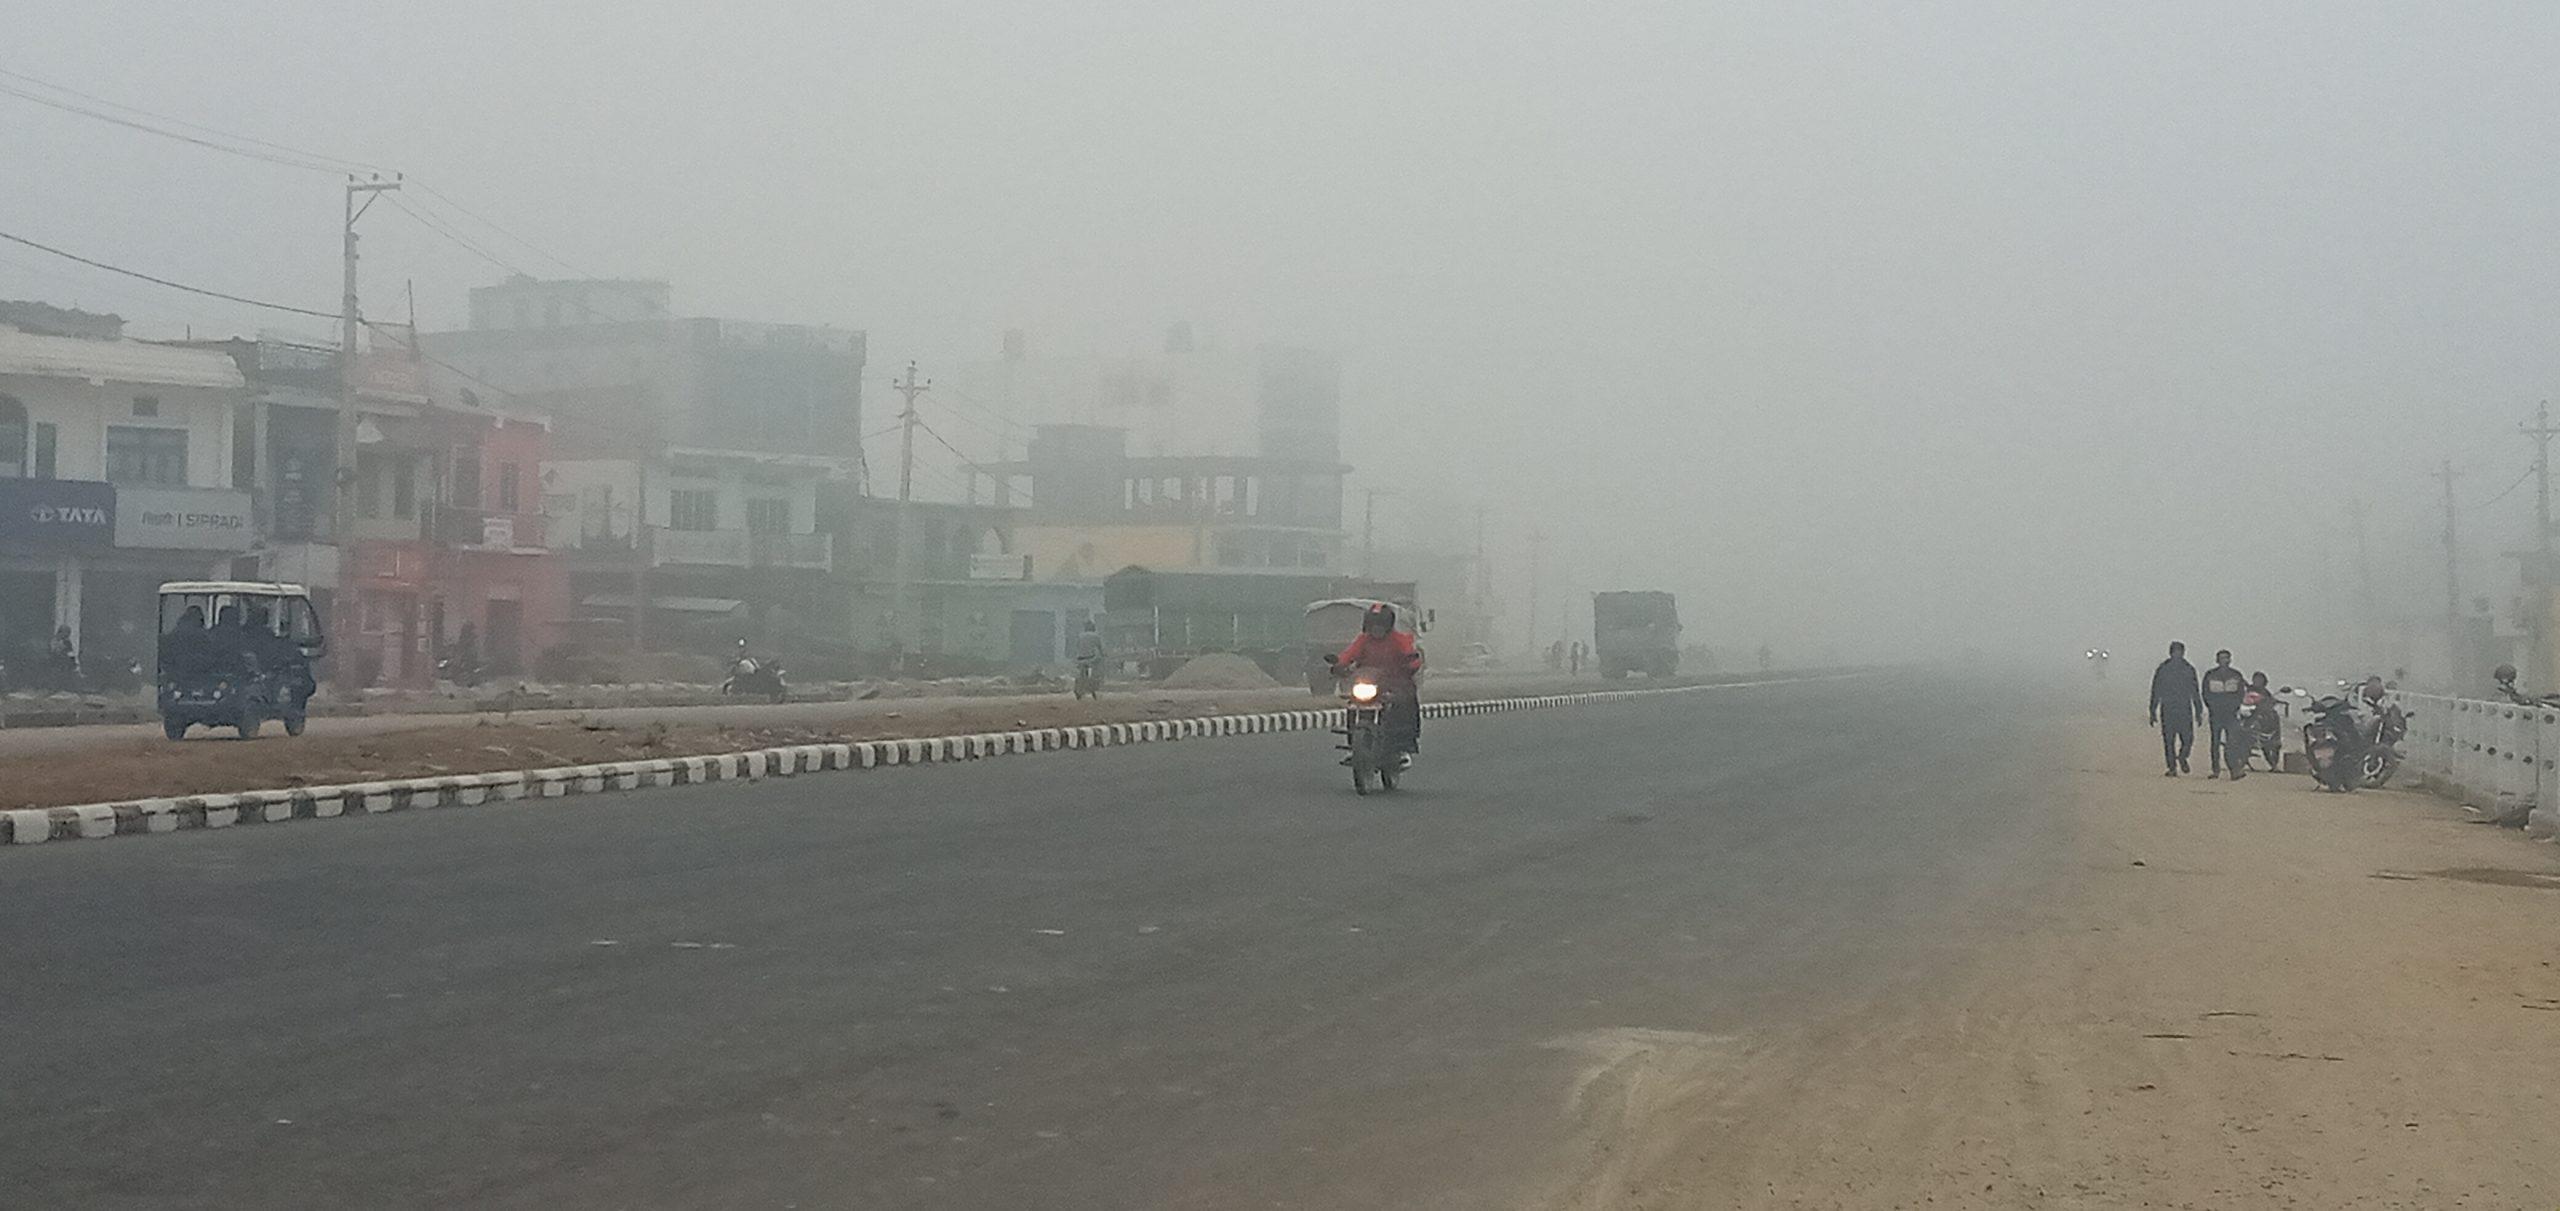 धनगढीमा आज फेरी अत्यधिक जाडो:(फोटो फिचर)